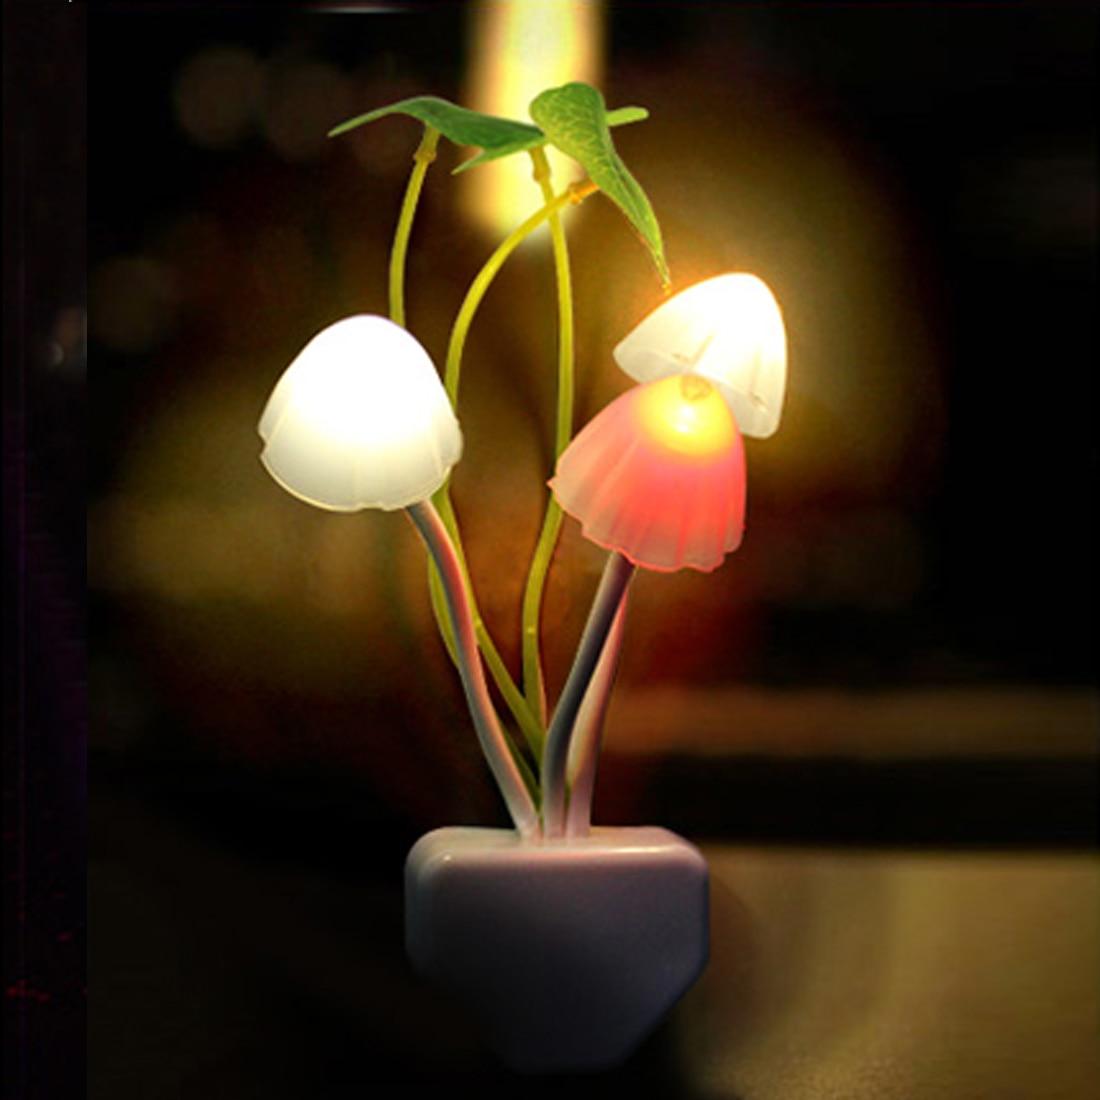 Lovely US & EU Plug Night Light Induction Dream Mushroom Fungus LED Lamp 3 LEDs Mushroom Lamp LED Night Lights